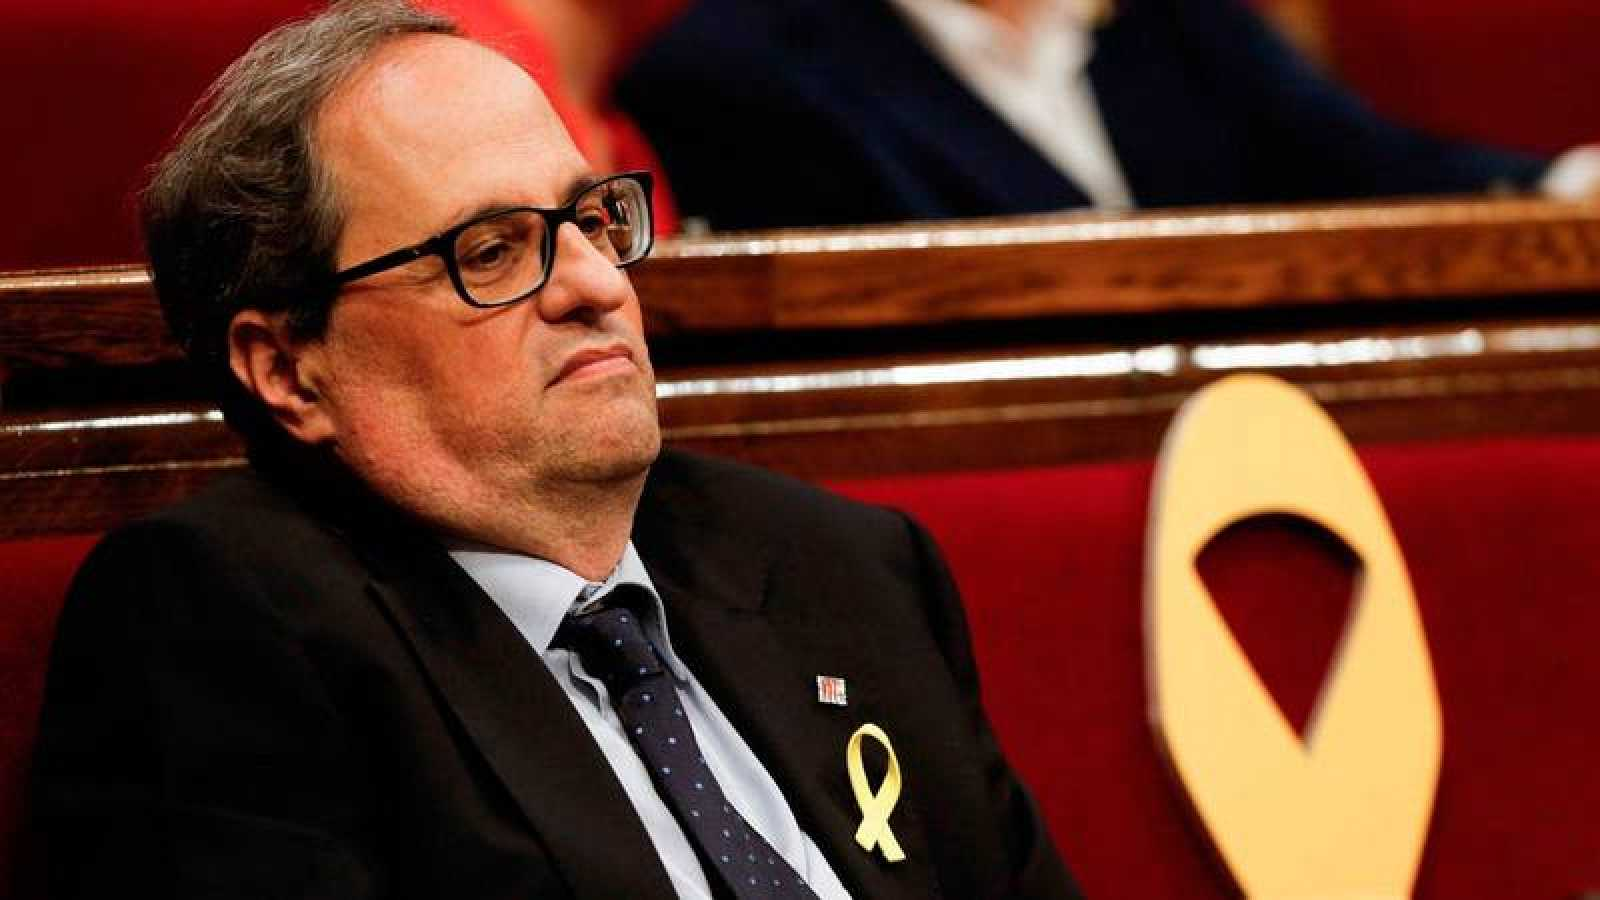 Torra, junto con el lazo amarillo en el escaño de Puigdemont